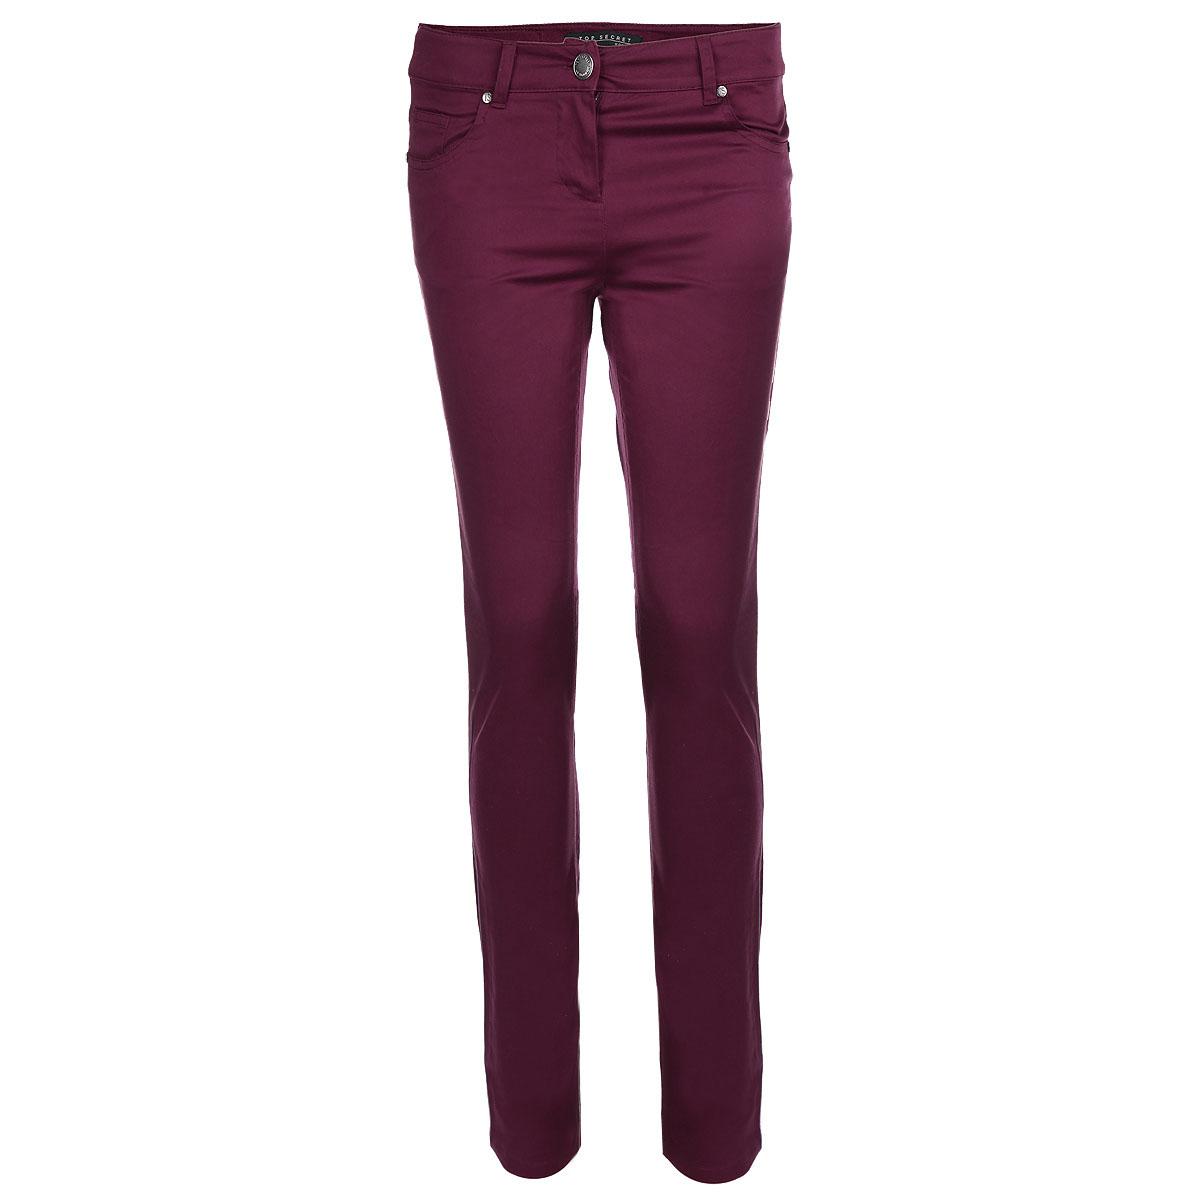 Брюки женские. SSP1407SSP1407CAСтильные женские брюки Top Secret созданы специально для того, чтобы подчеркивать достоинства вашей фигуры. Модель прямого кроя и средней посадки станет отличным дополнением к вашему современному образу. Застегиваются брюки на пуговицу в поясе и ширинку на застежке-молнии, имеются шлевки для ремня. Спереди модель оформлена двумя втачными карманами и небольшим накладным кармашком, а сзади - двумя накладными карманами. Эти модные и в тоже время комфортные брюки послужат отличным дополнением к вашему гардеробу. В них вы всегда будете чувствовать себя уютно и комфортно.